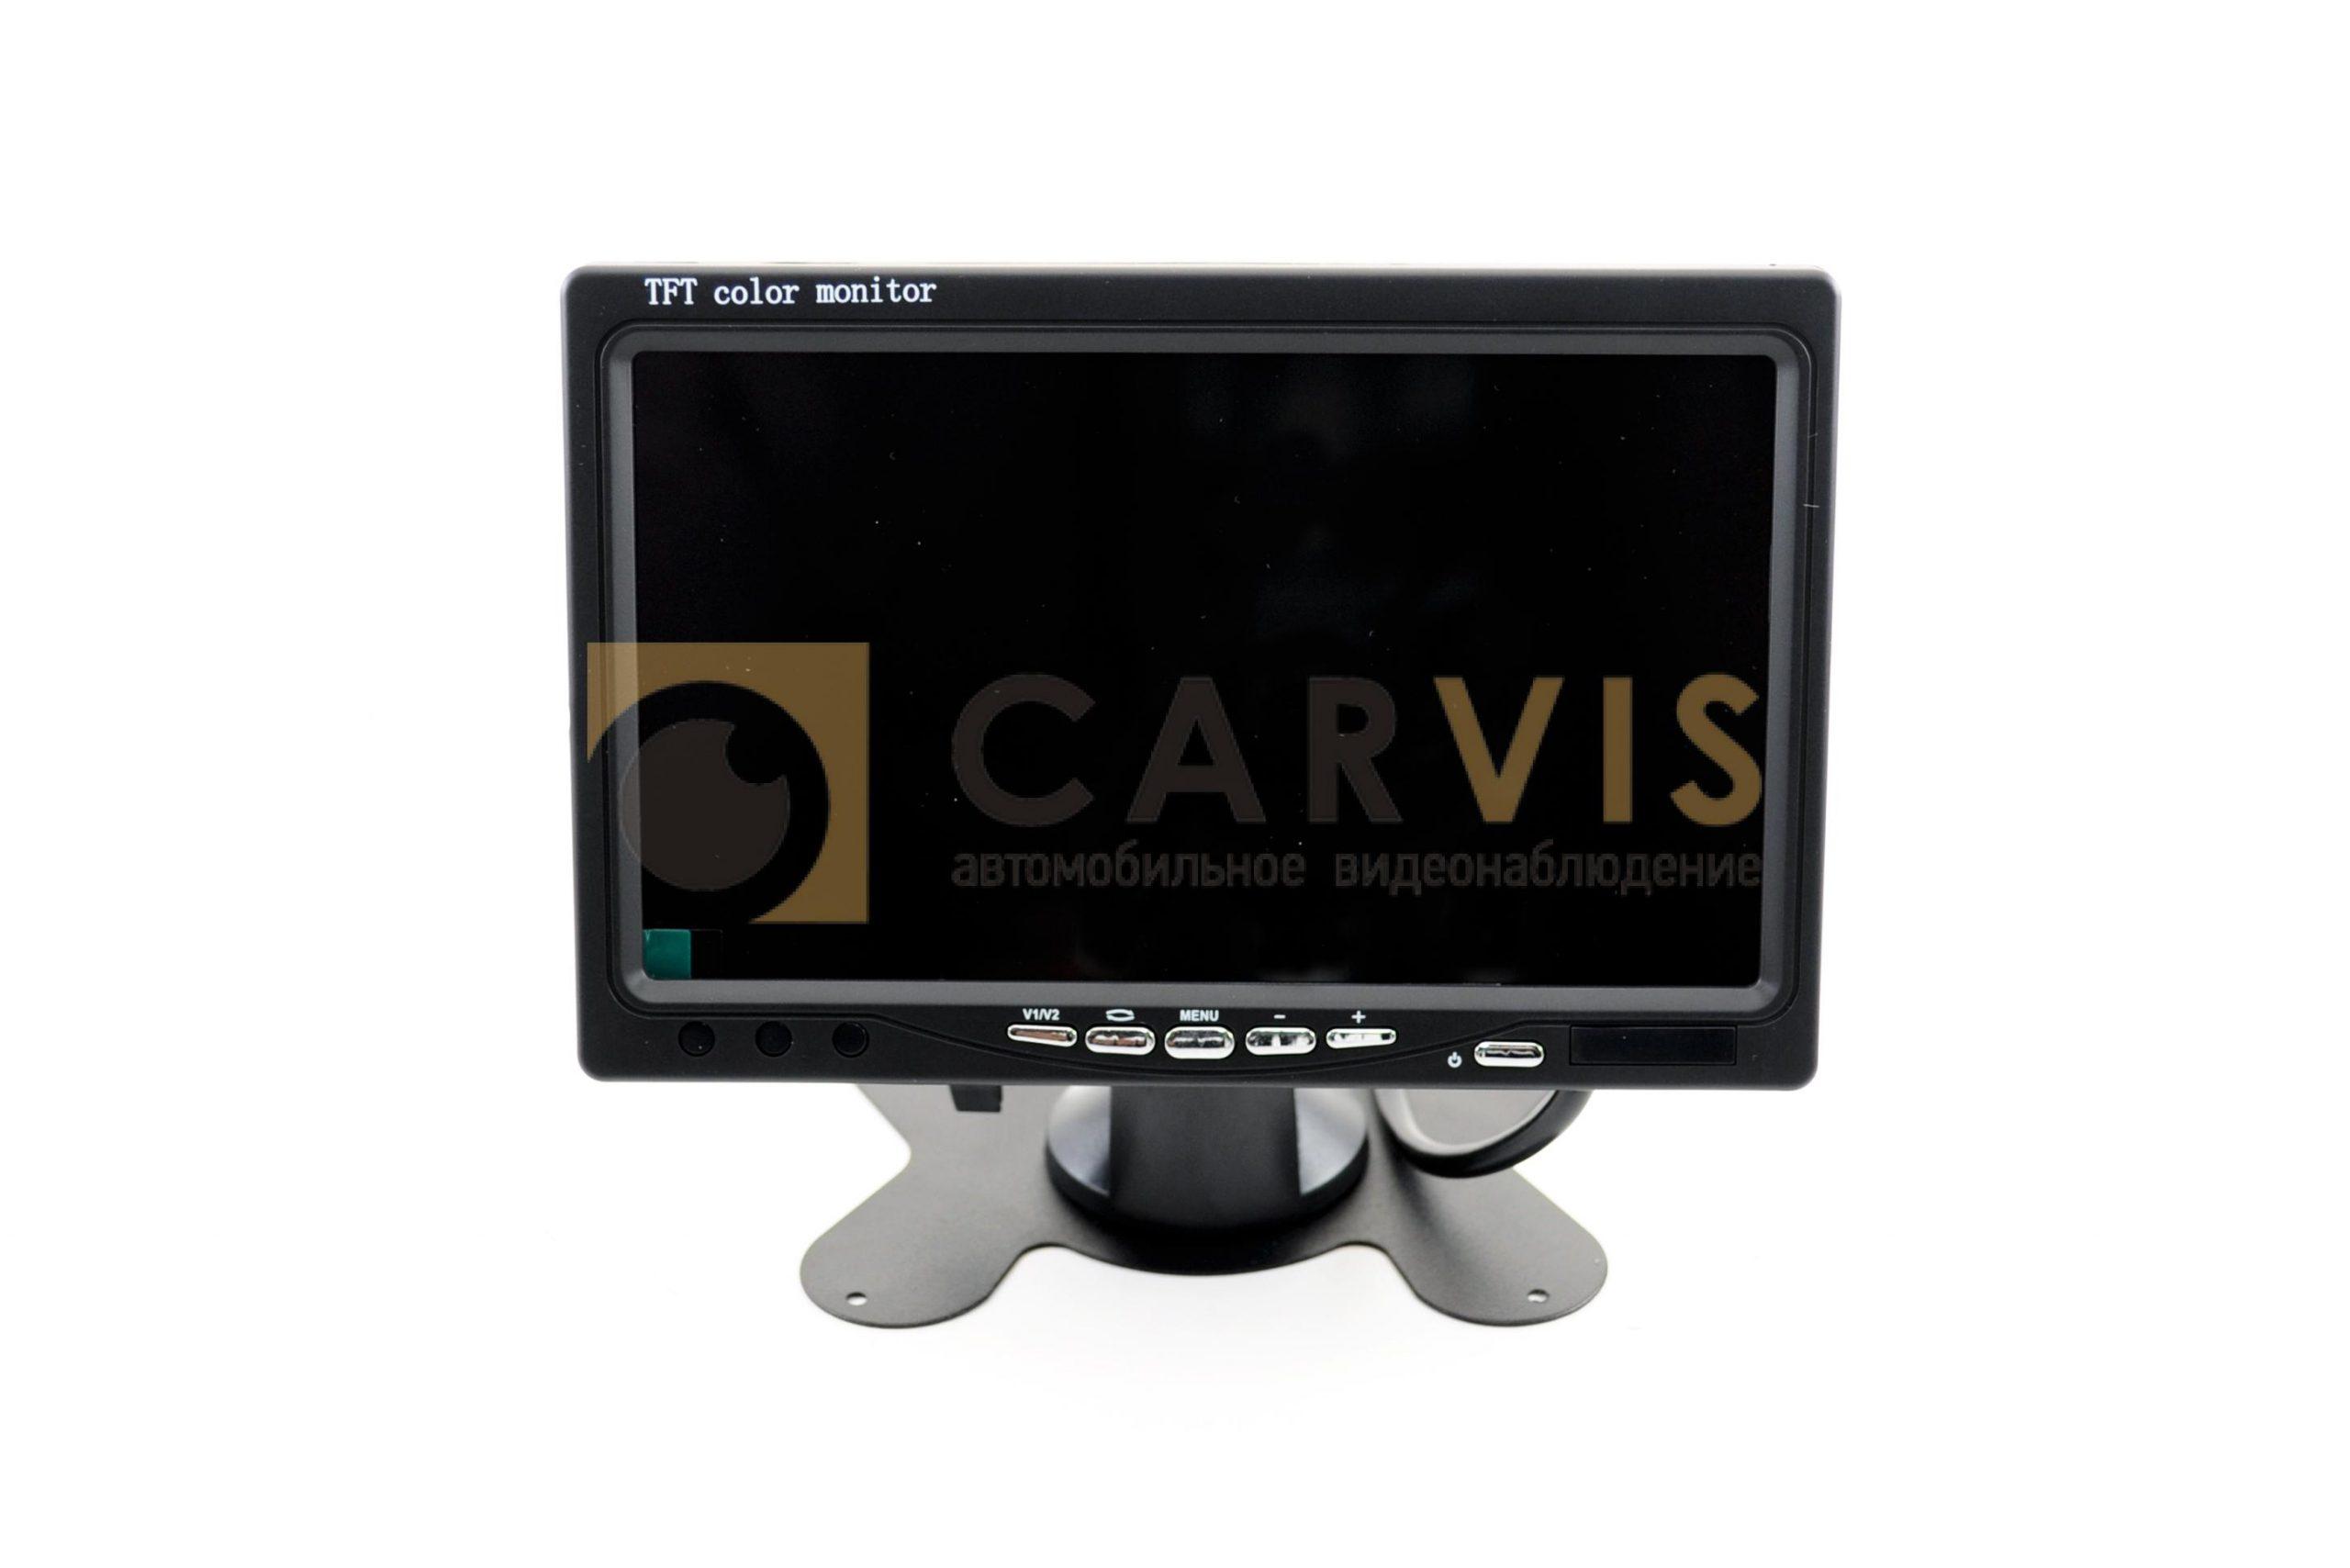 Комплект видеонаблюдения для автомобиля службы инкассации